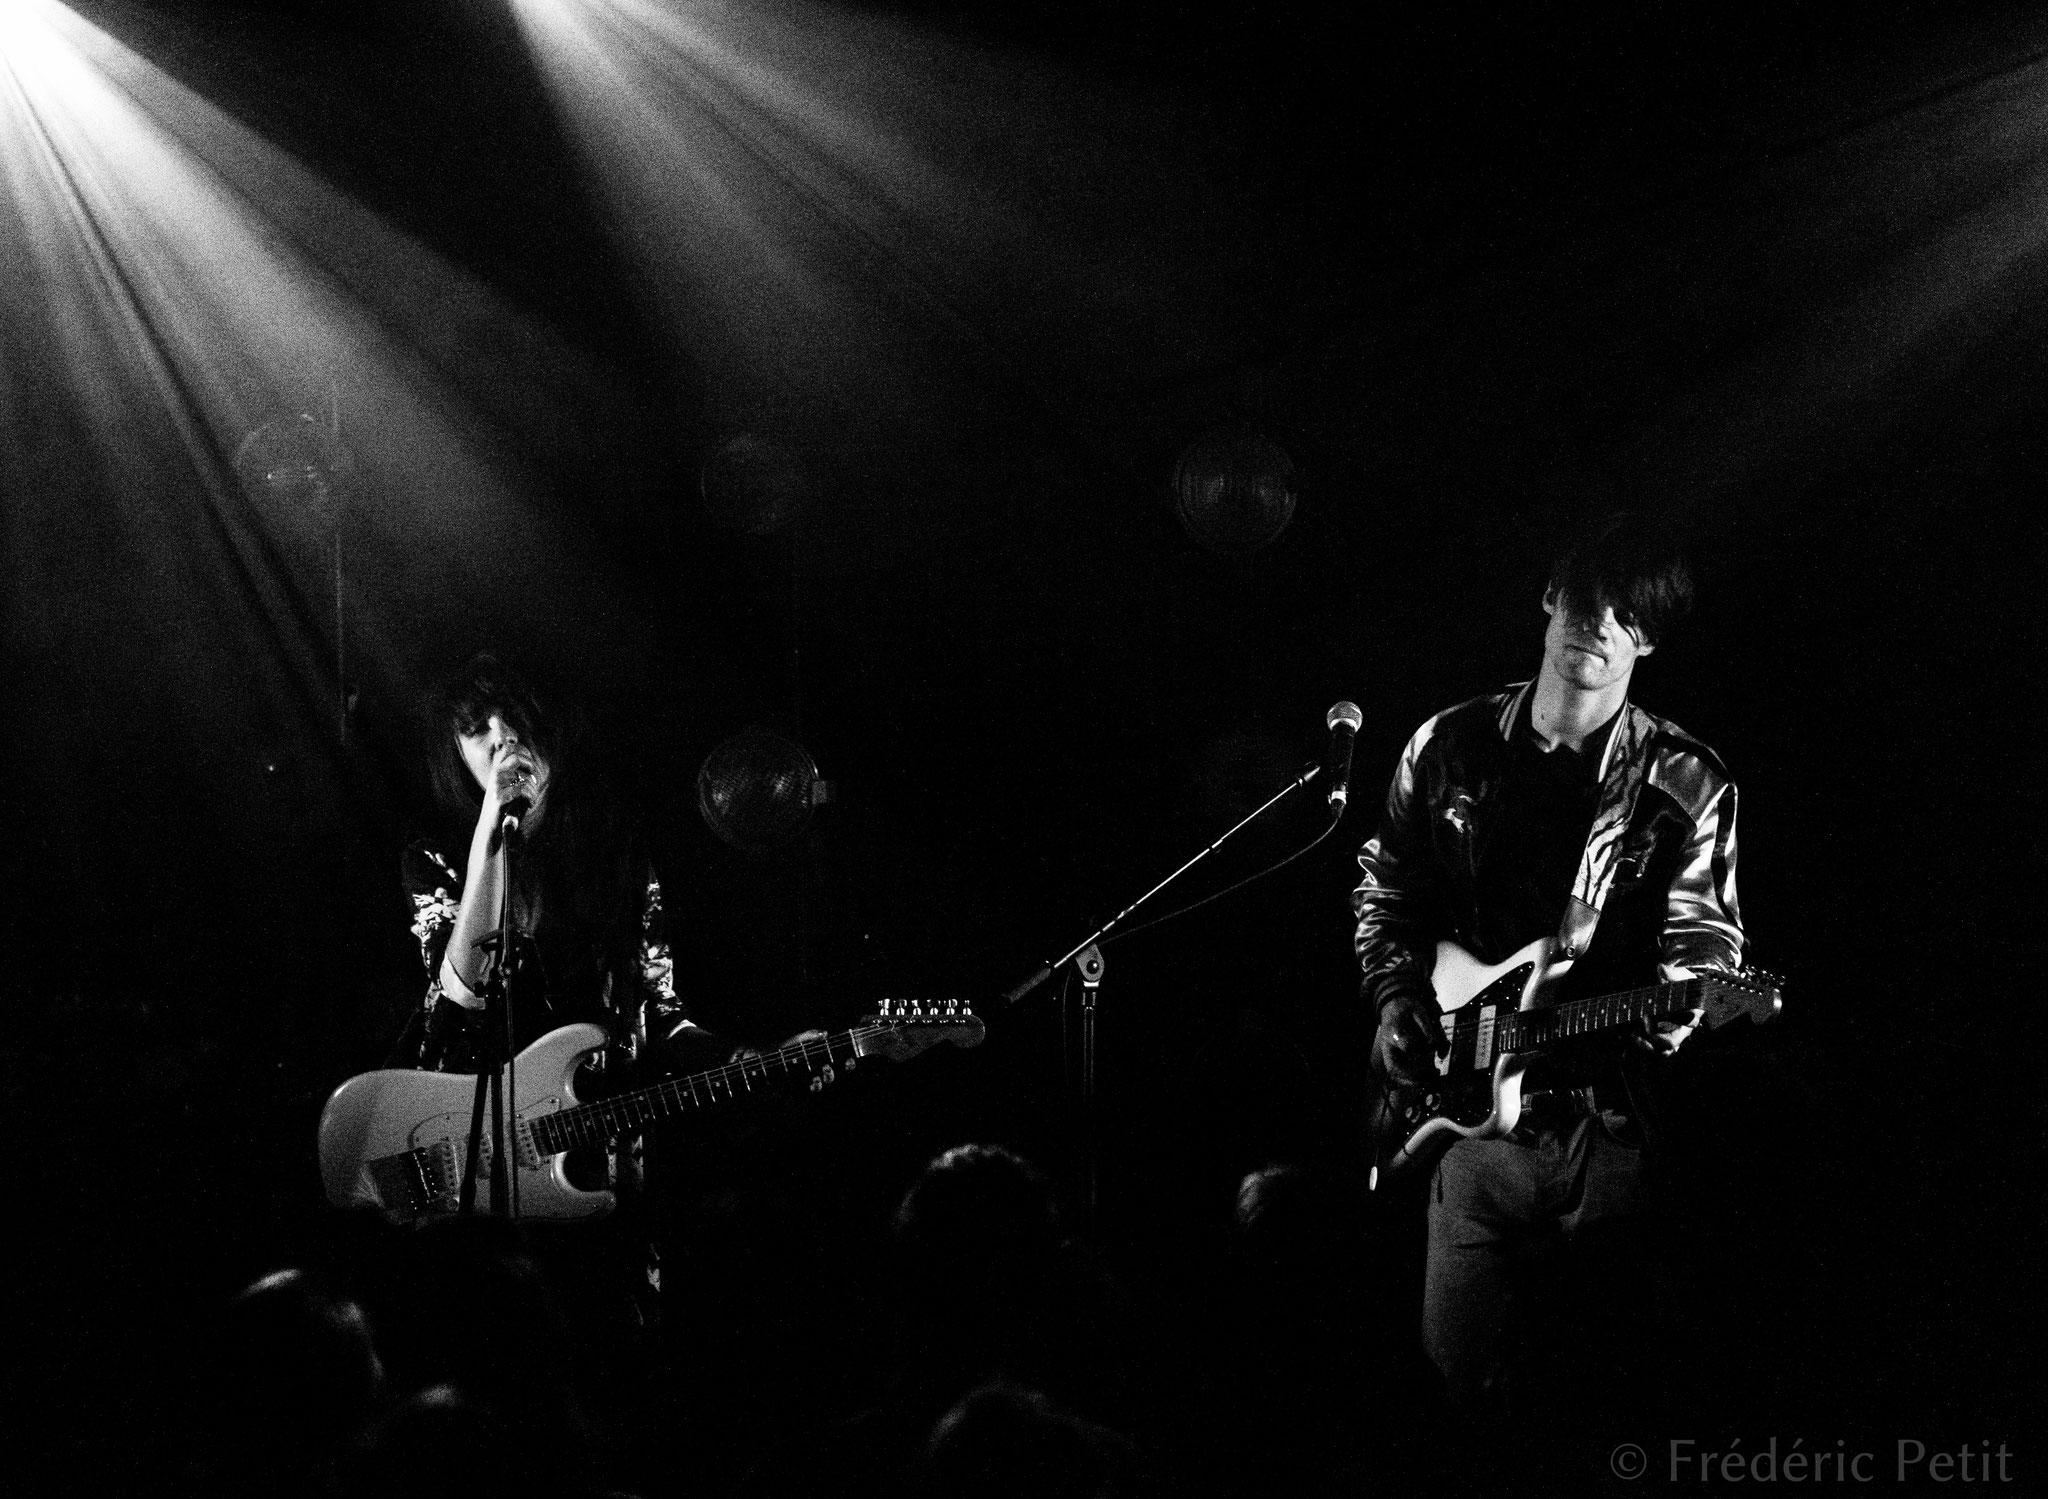 7 décembre 2016 - The Blind Suns @ La Maroquinerie (Festival Aurores Montréal)